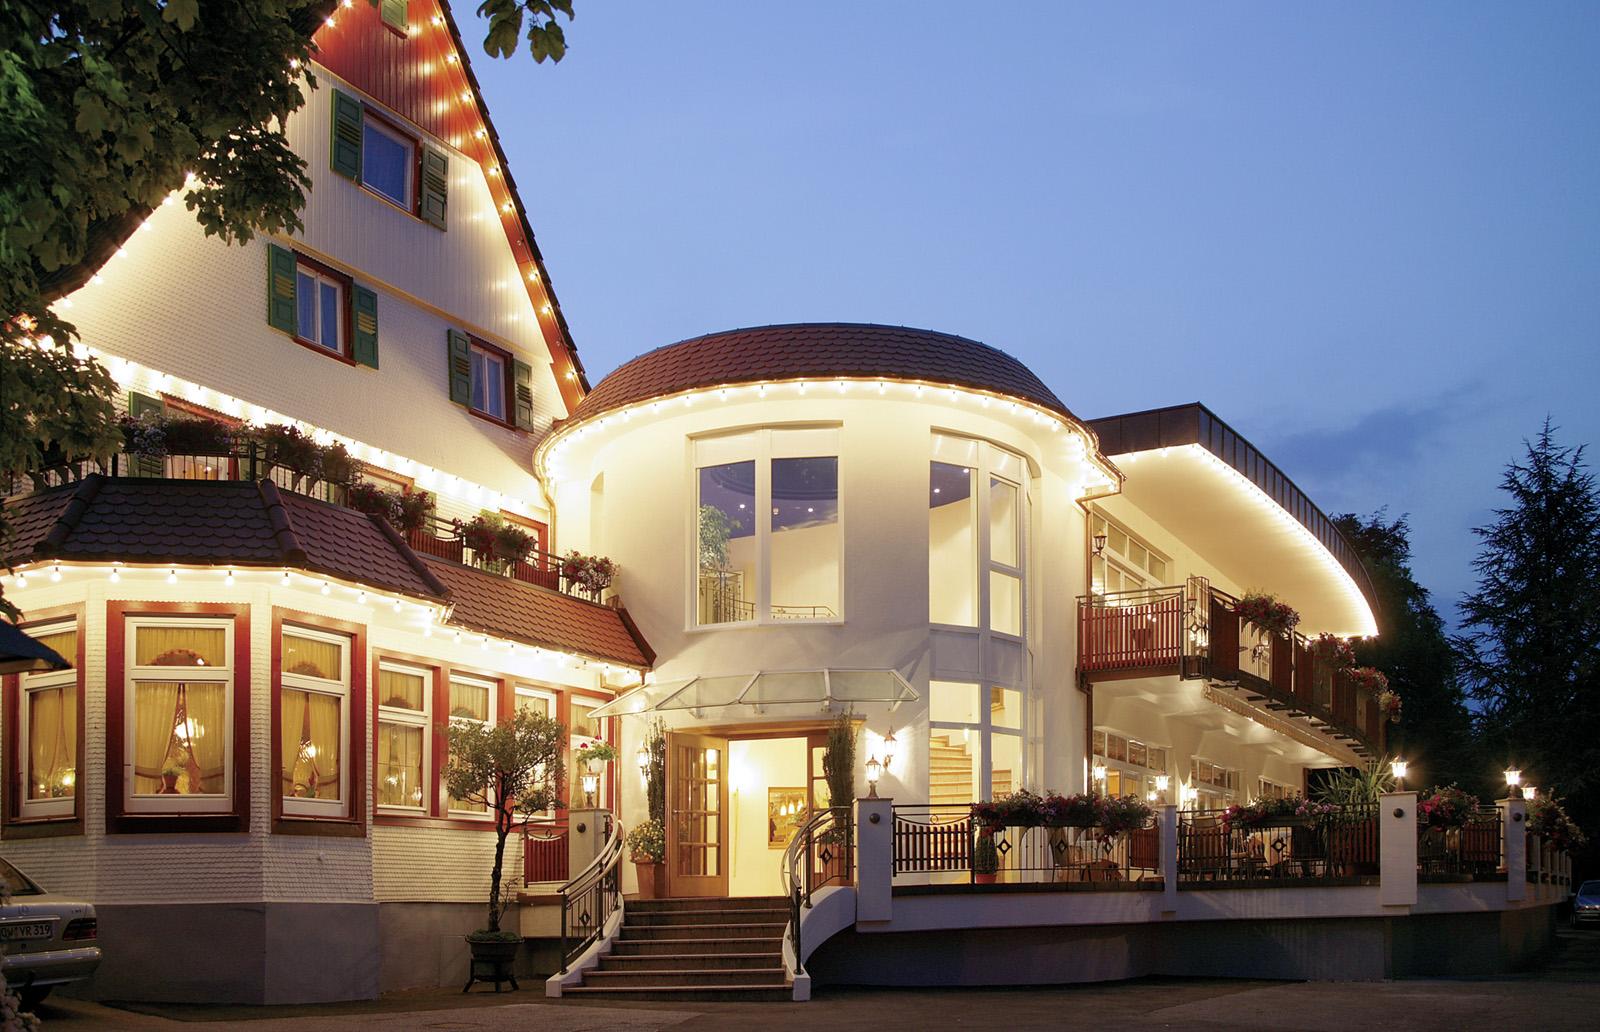 Aussenaufnahme bei Nacht - Hotel Ochsen, Höfen